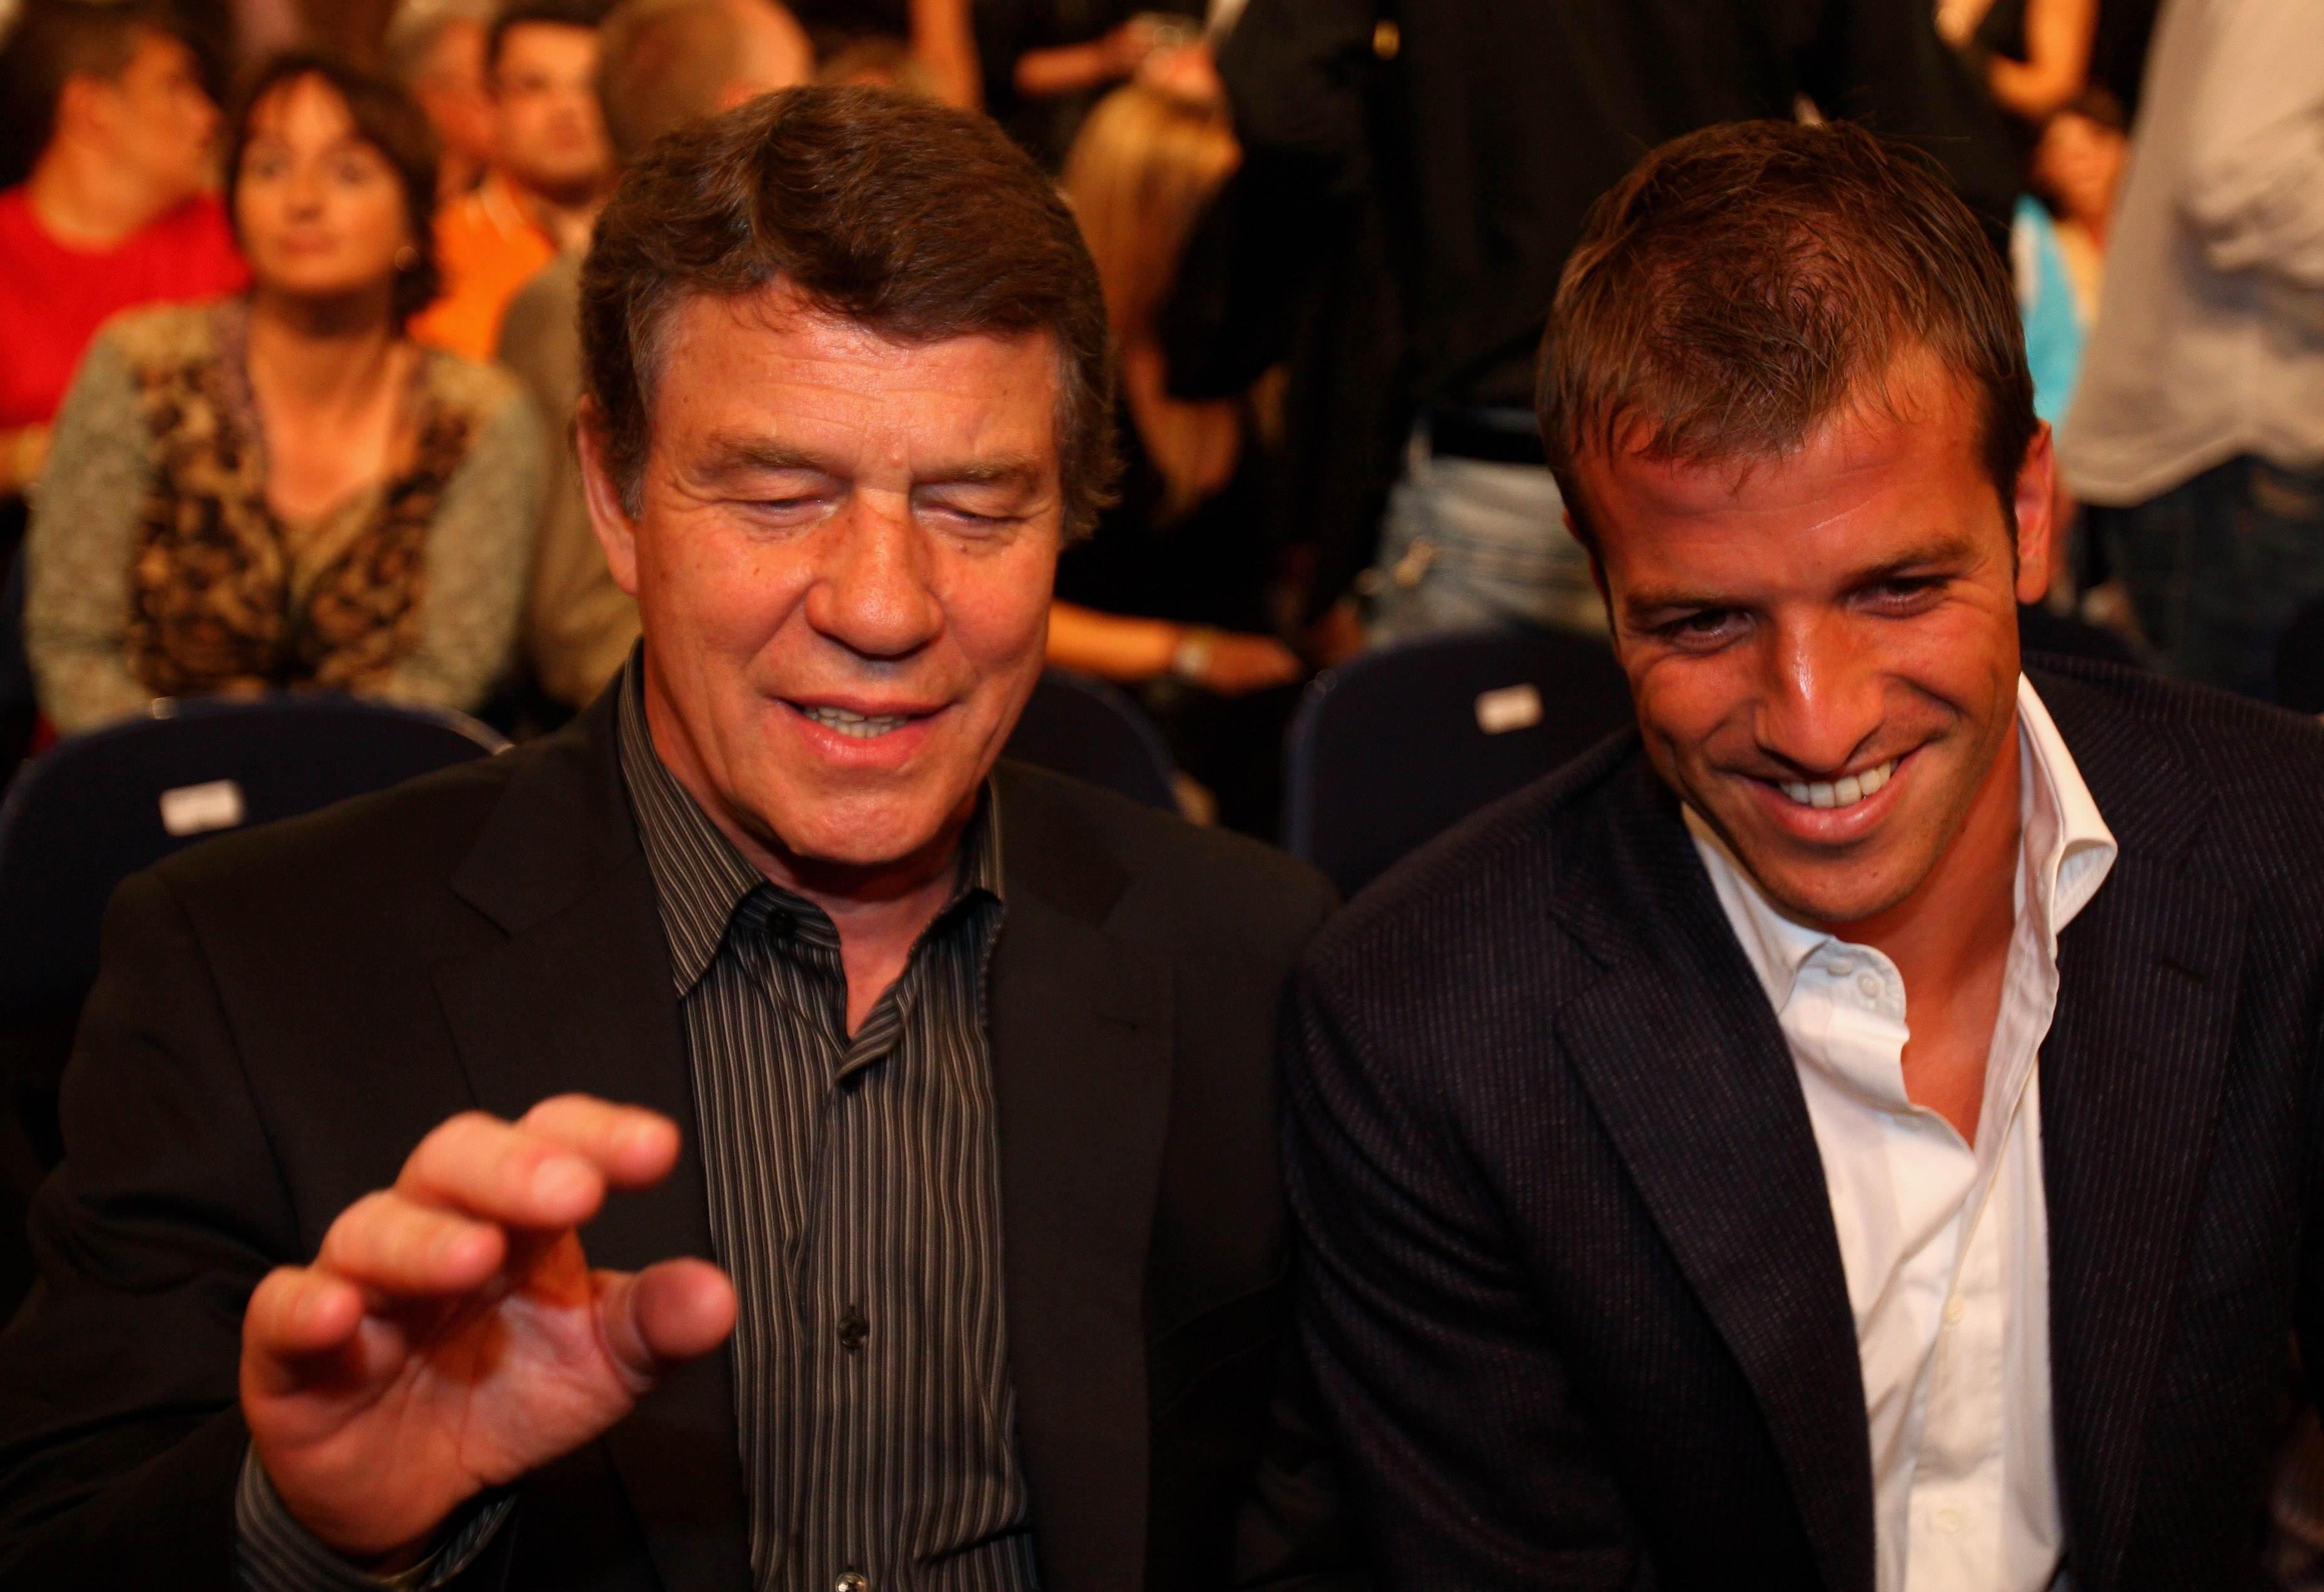 Бывший главный тренер сборной Греции по футболу Отто Рехагель и полузащитник сборной Нидерландов Рафаэль ван дер Варт